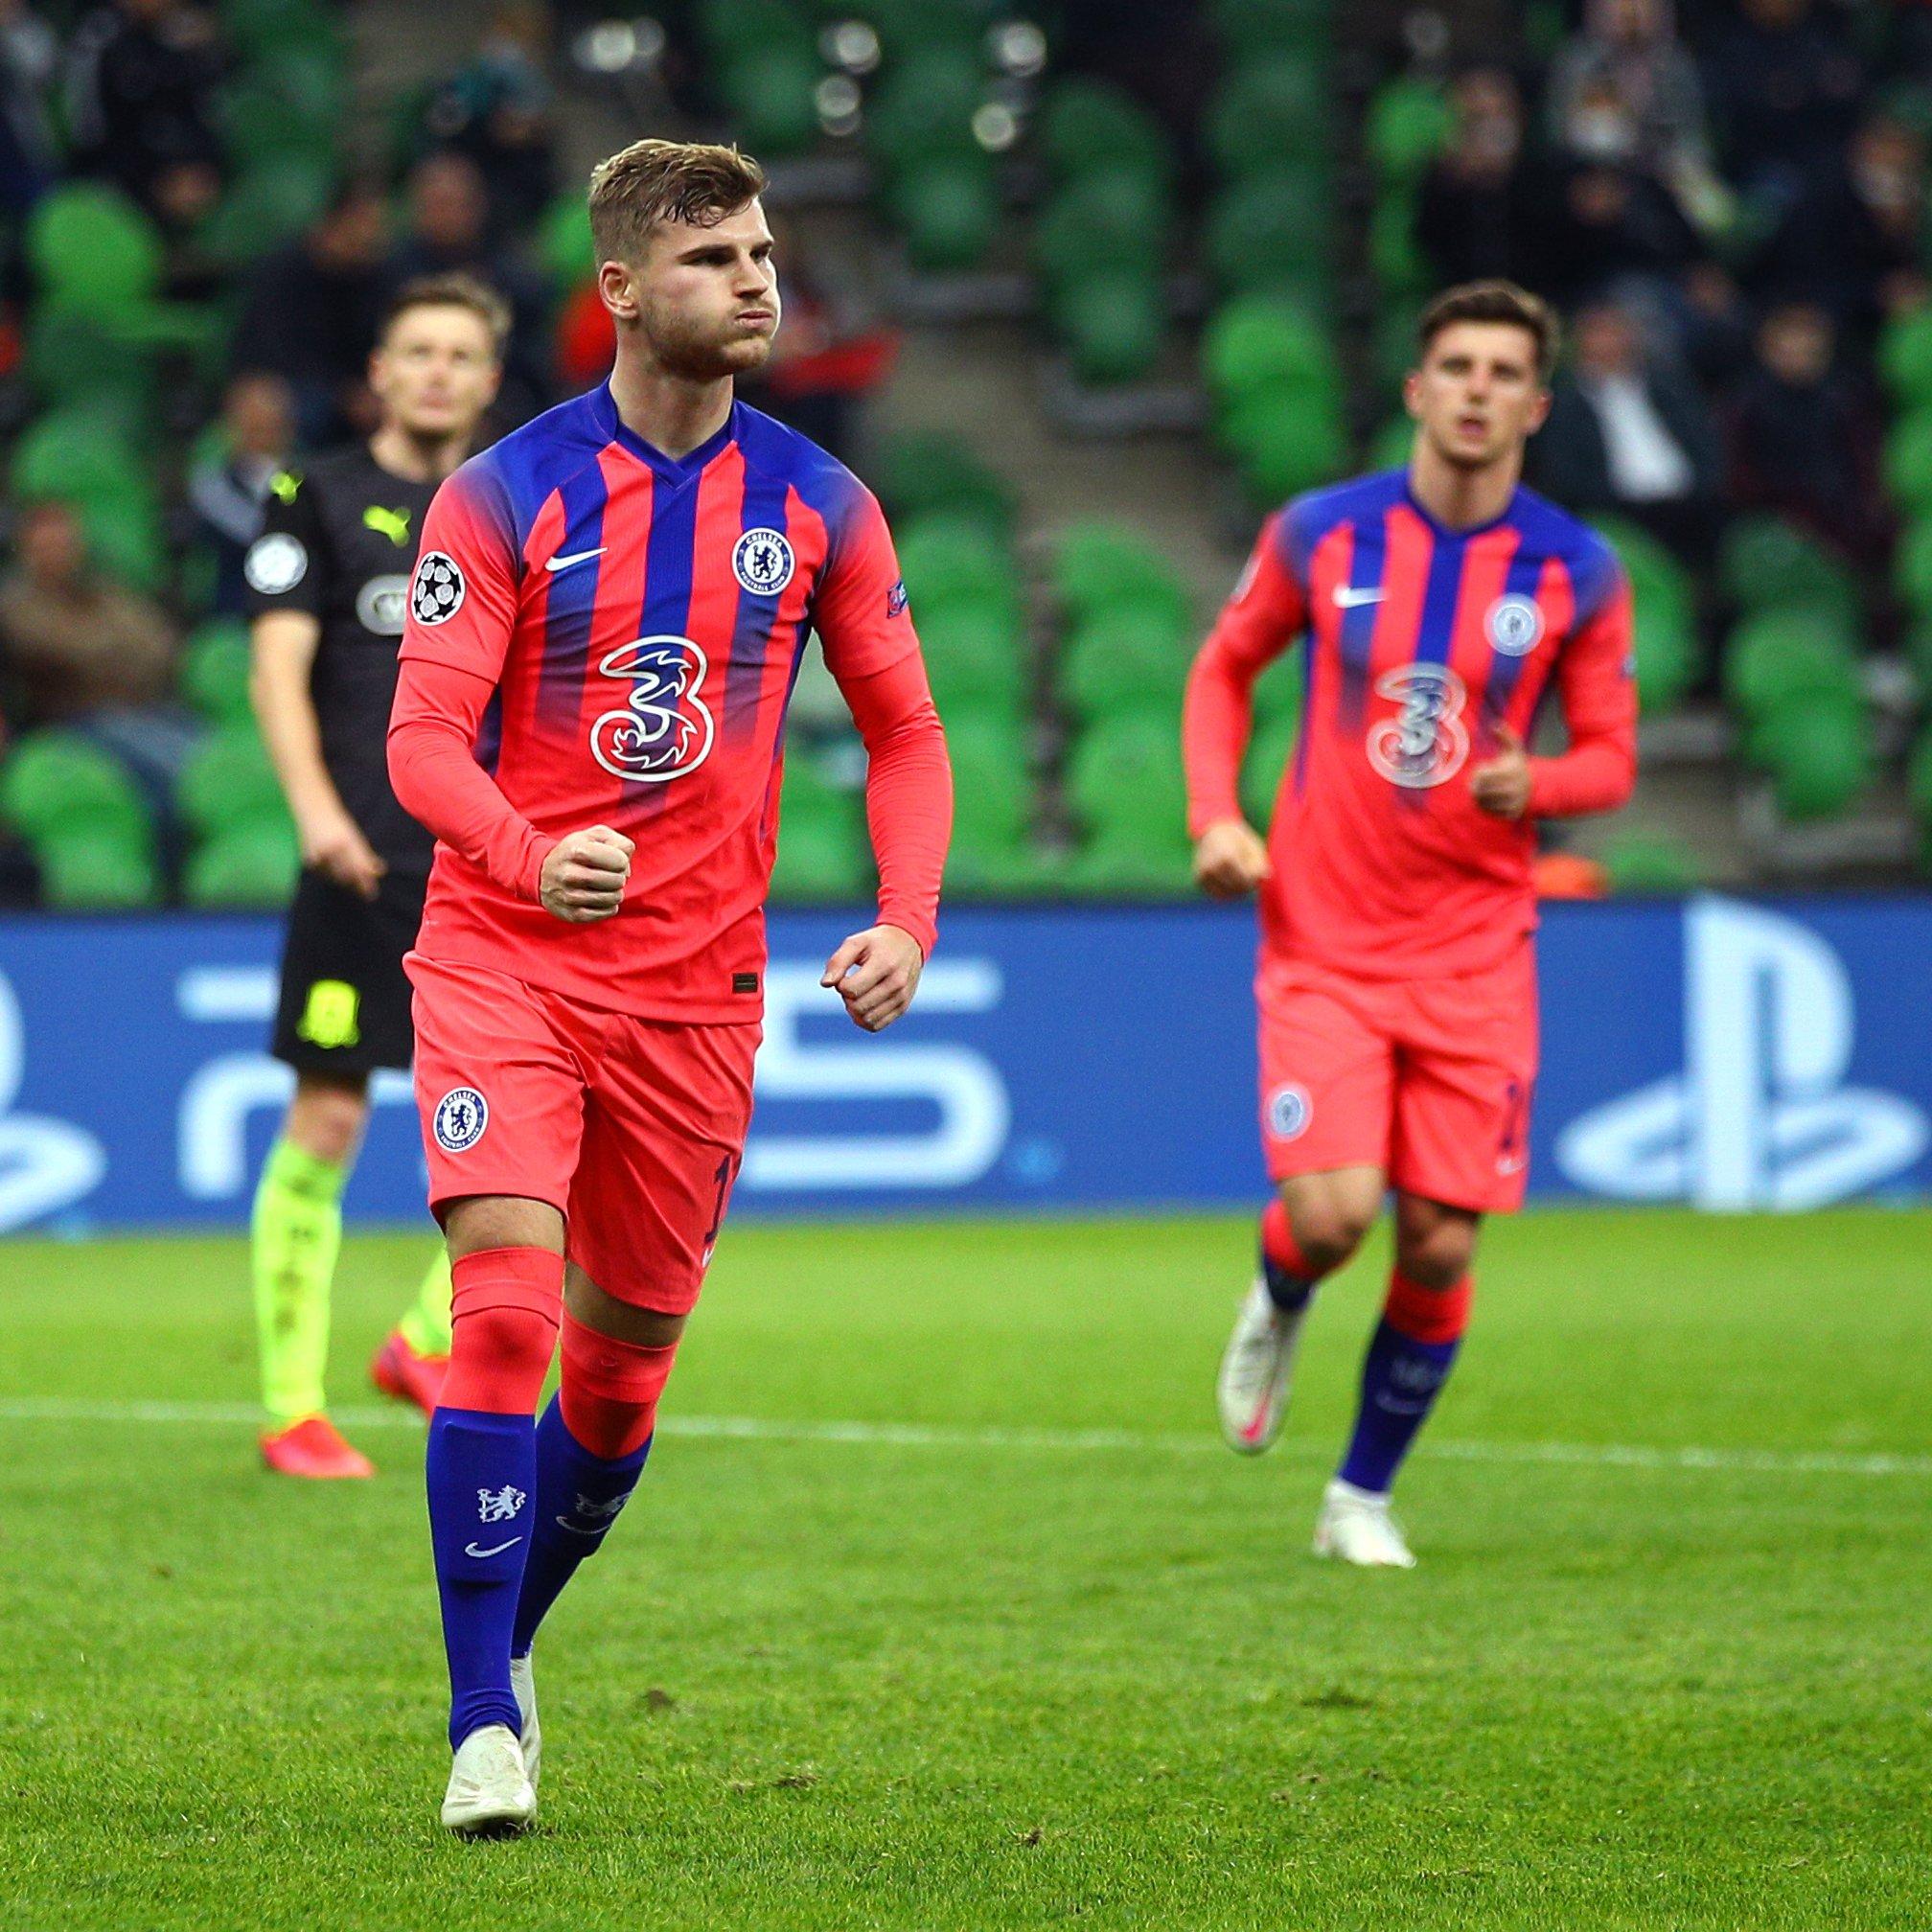 Chelsea golea a Krasnodar como visitante y lidera el grupo E de la Champions League